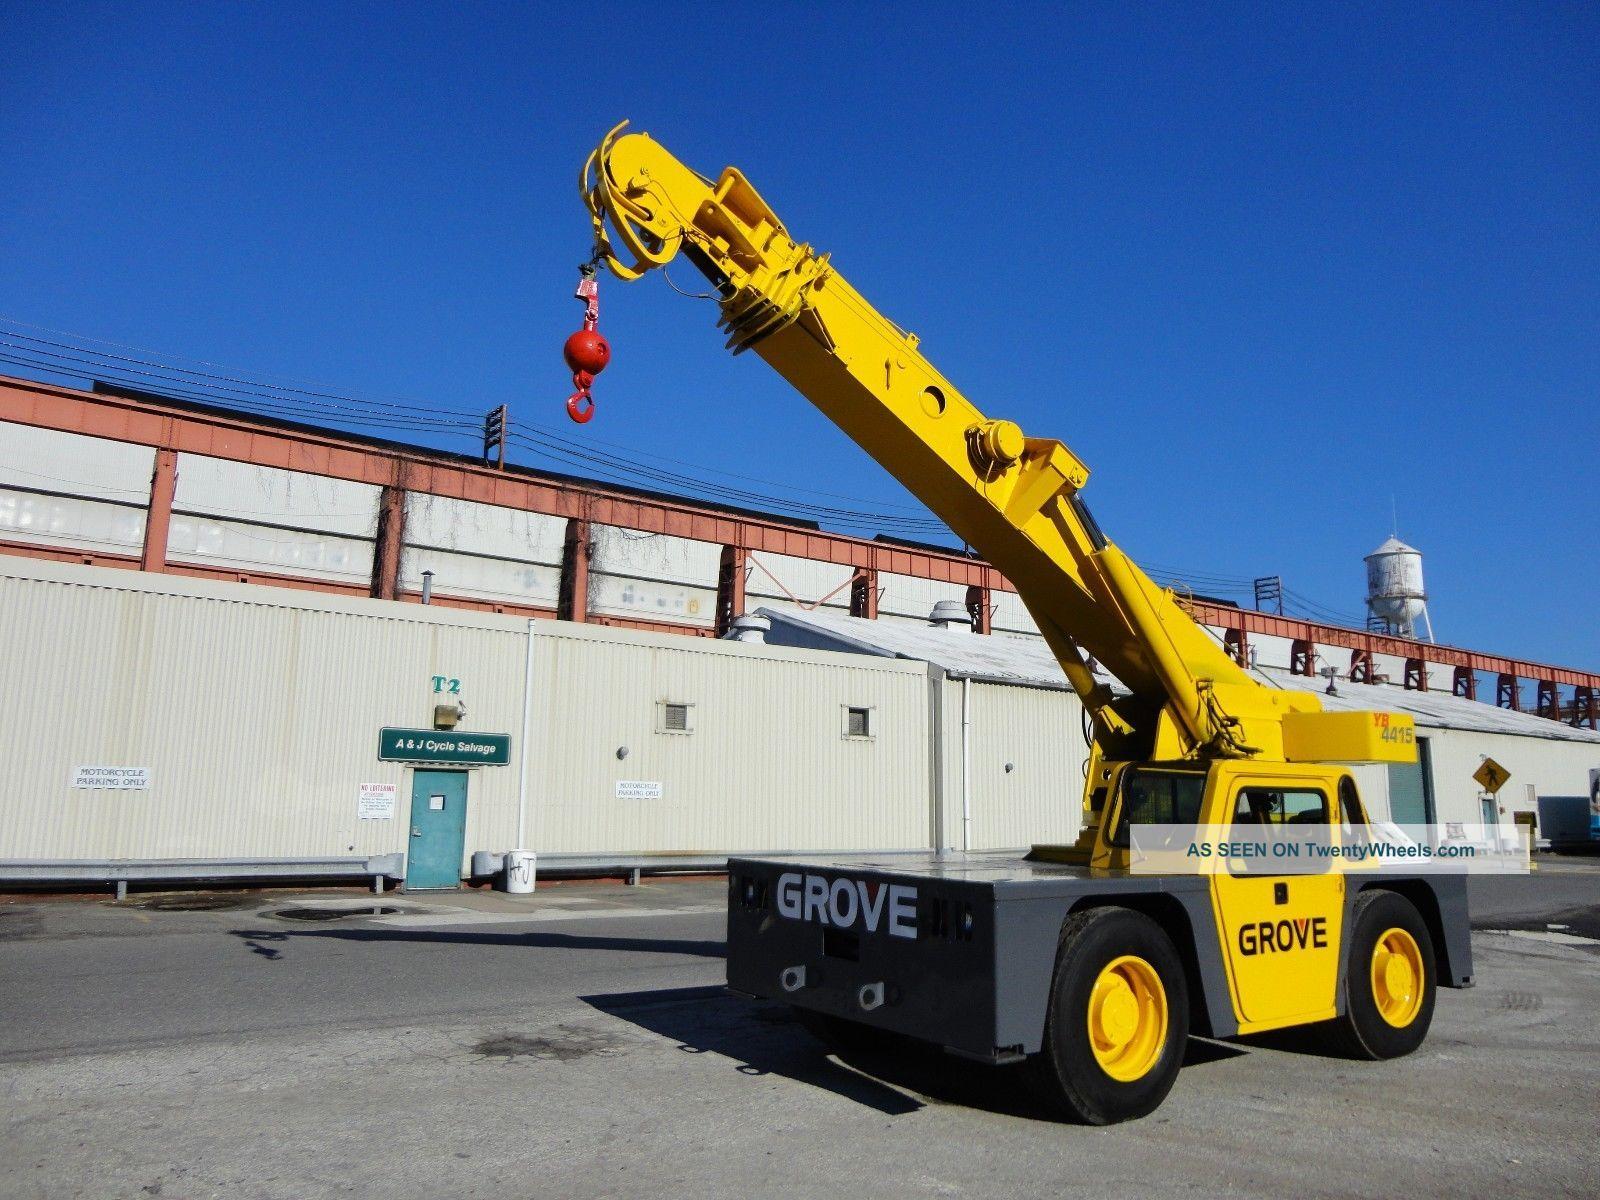 Tractor Hydraulic Boom Crane : Grove yb ton carry deck hydraulic crane diesel